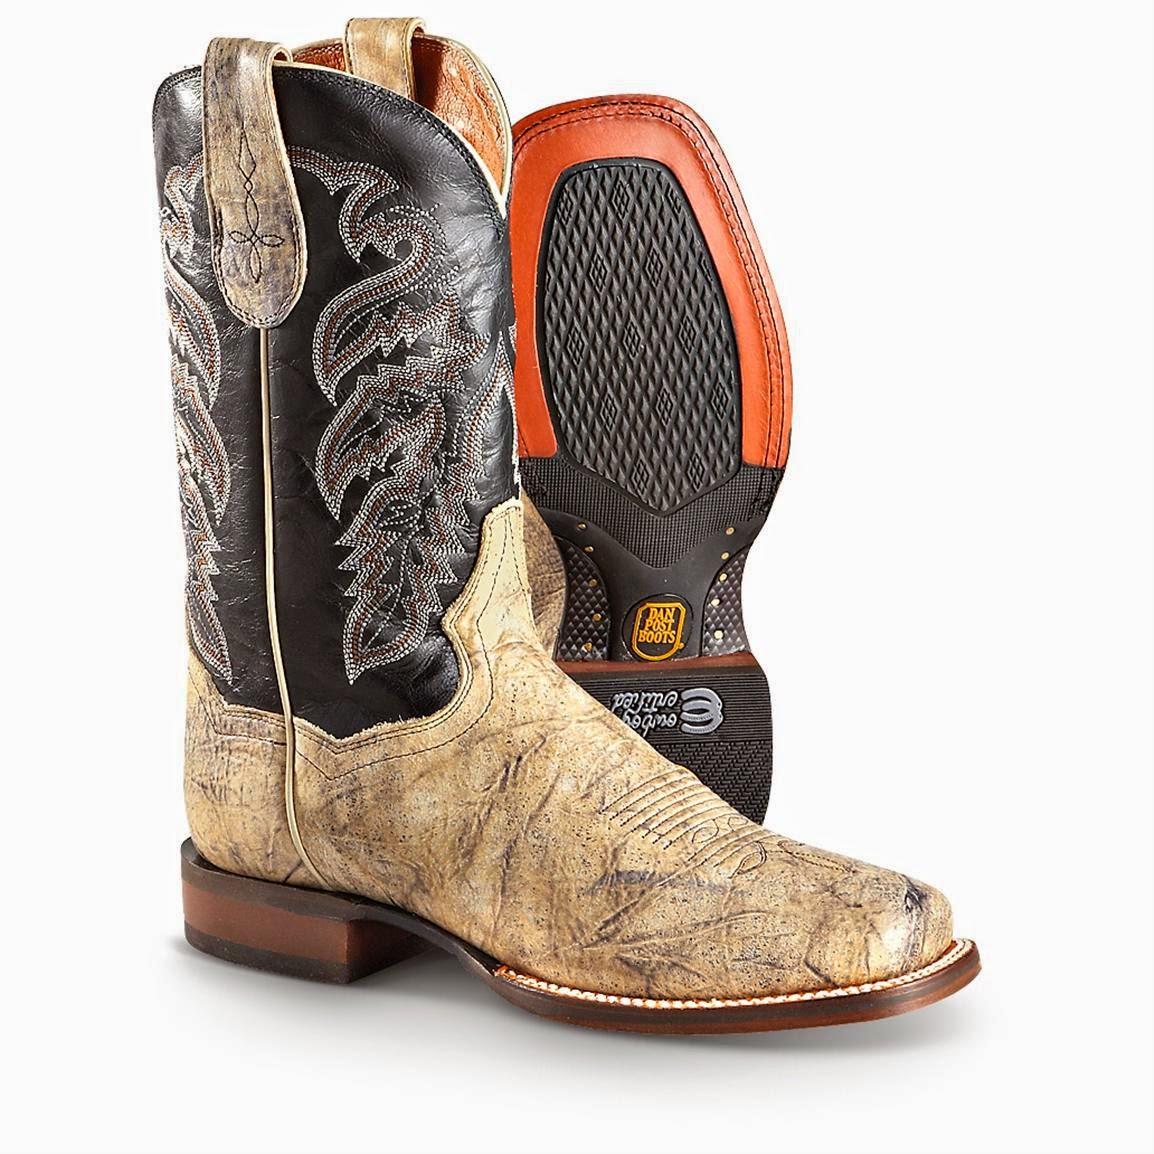 e13e6a7df5f Exotic cowboy boots